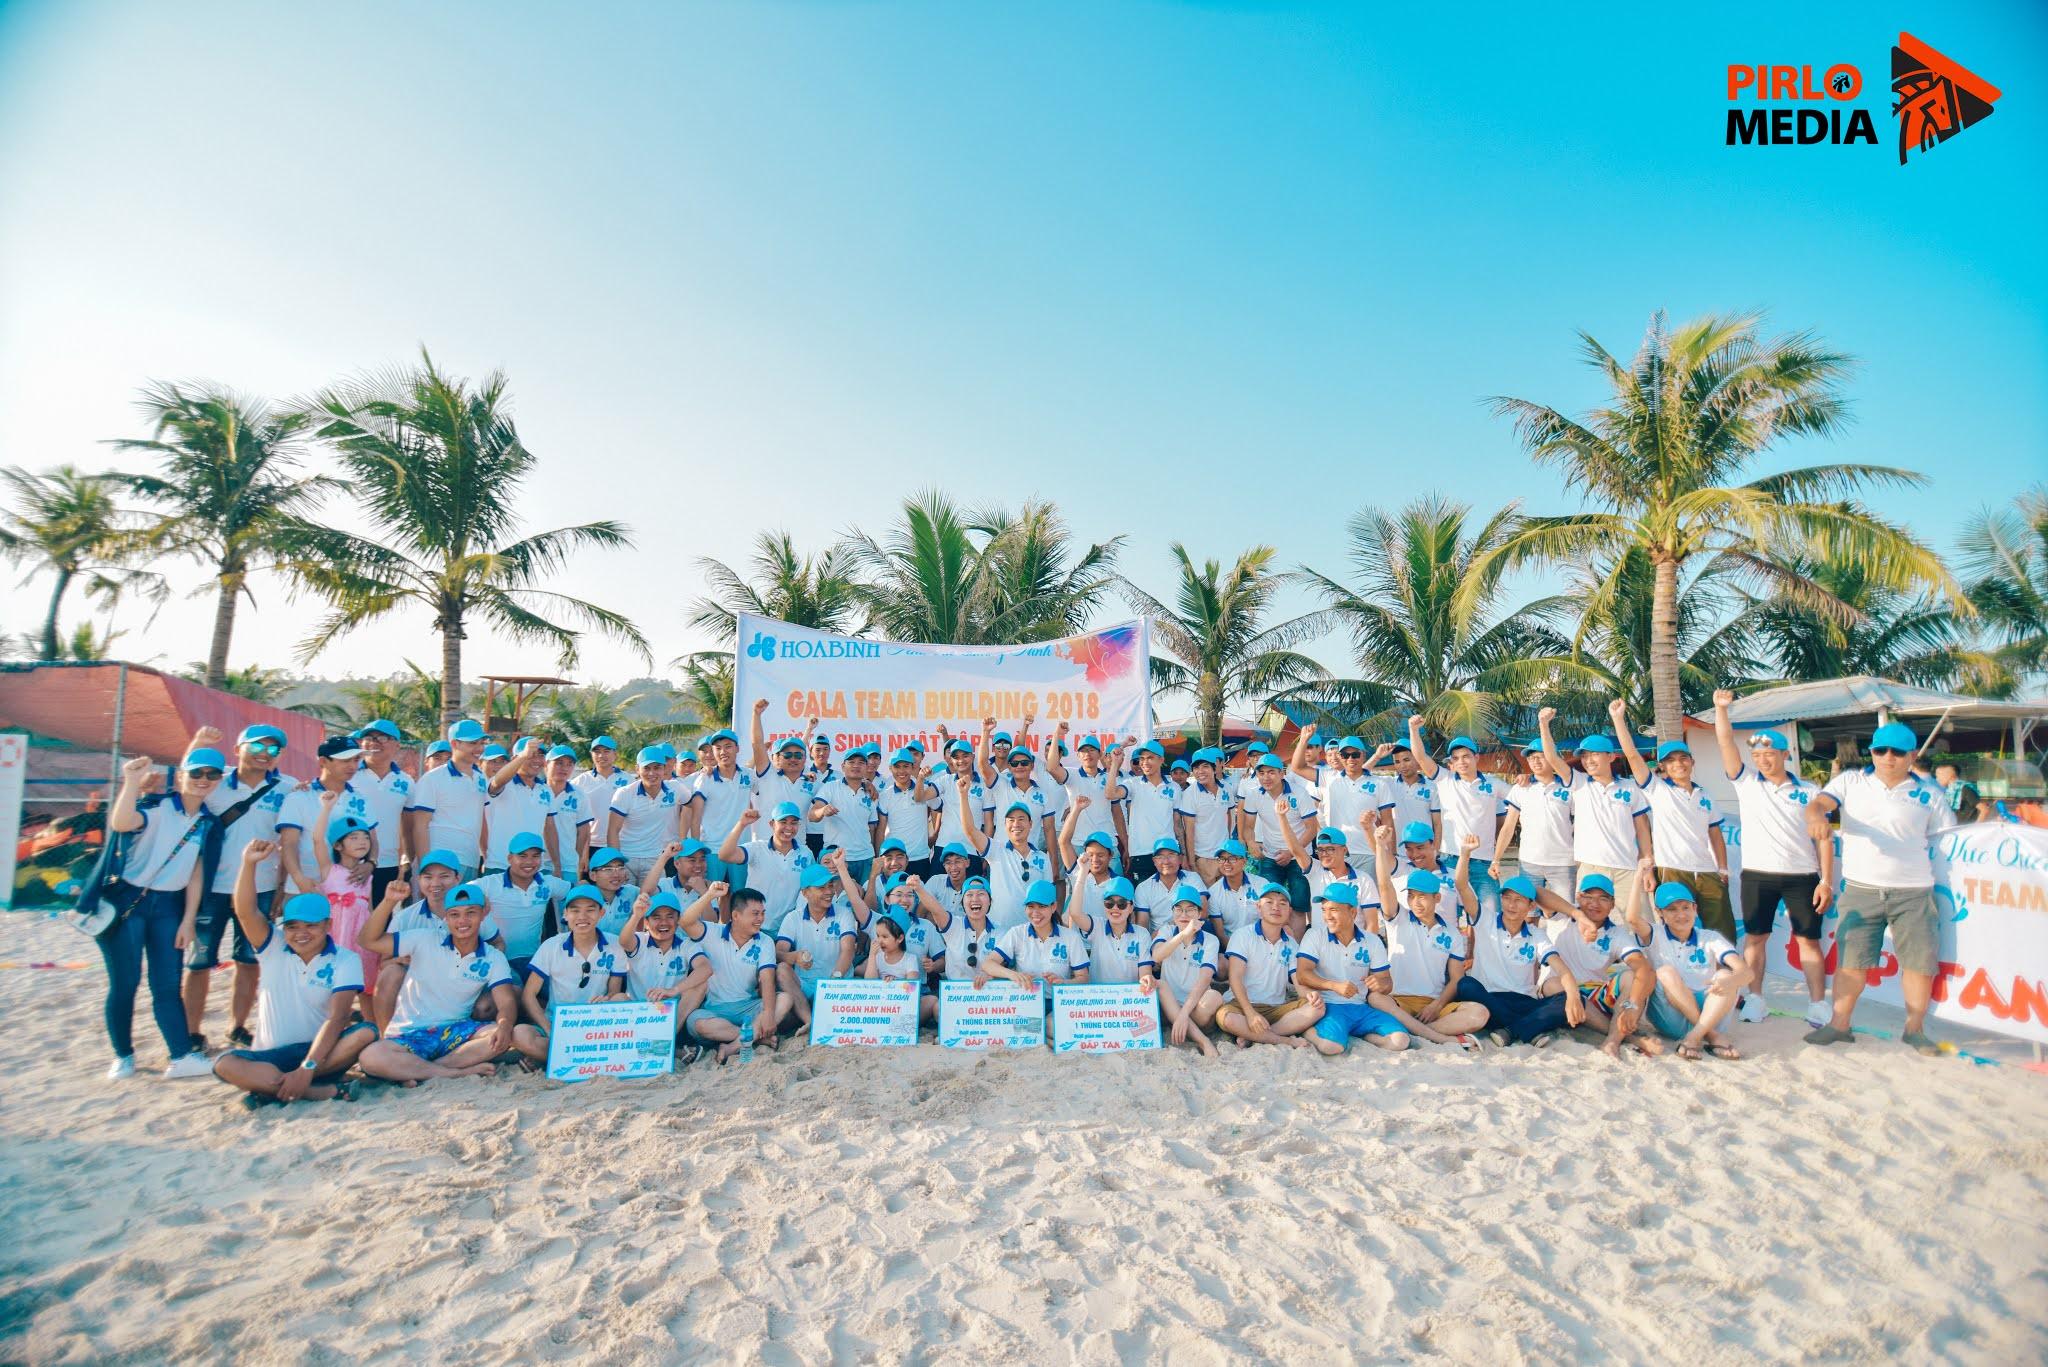 Chup ảnh flycam teambuilding tai Hạ Long, mọi người đội mũ cùng nhận thưởng trên bãi cát